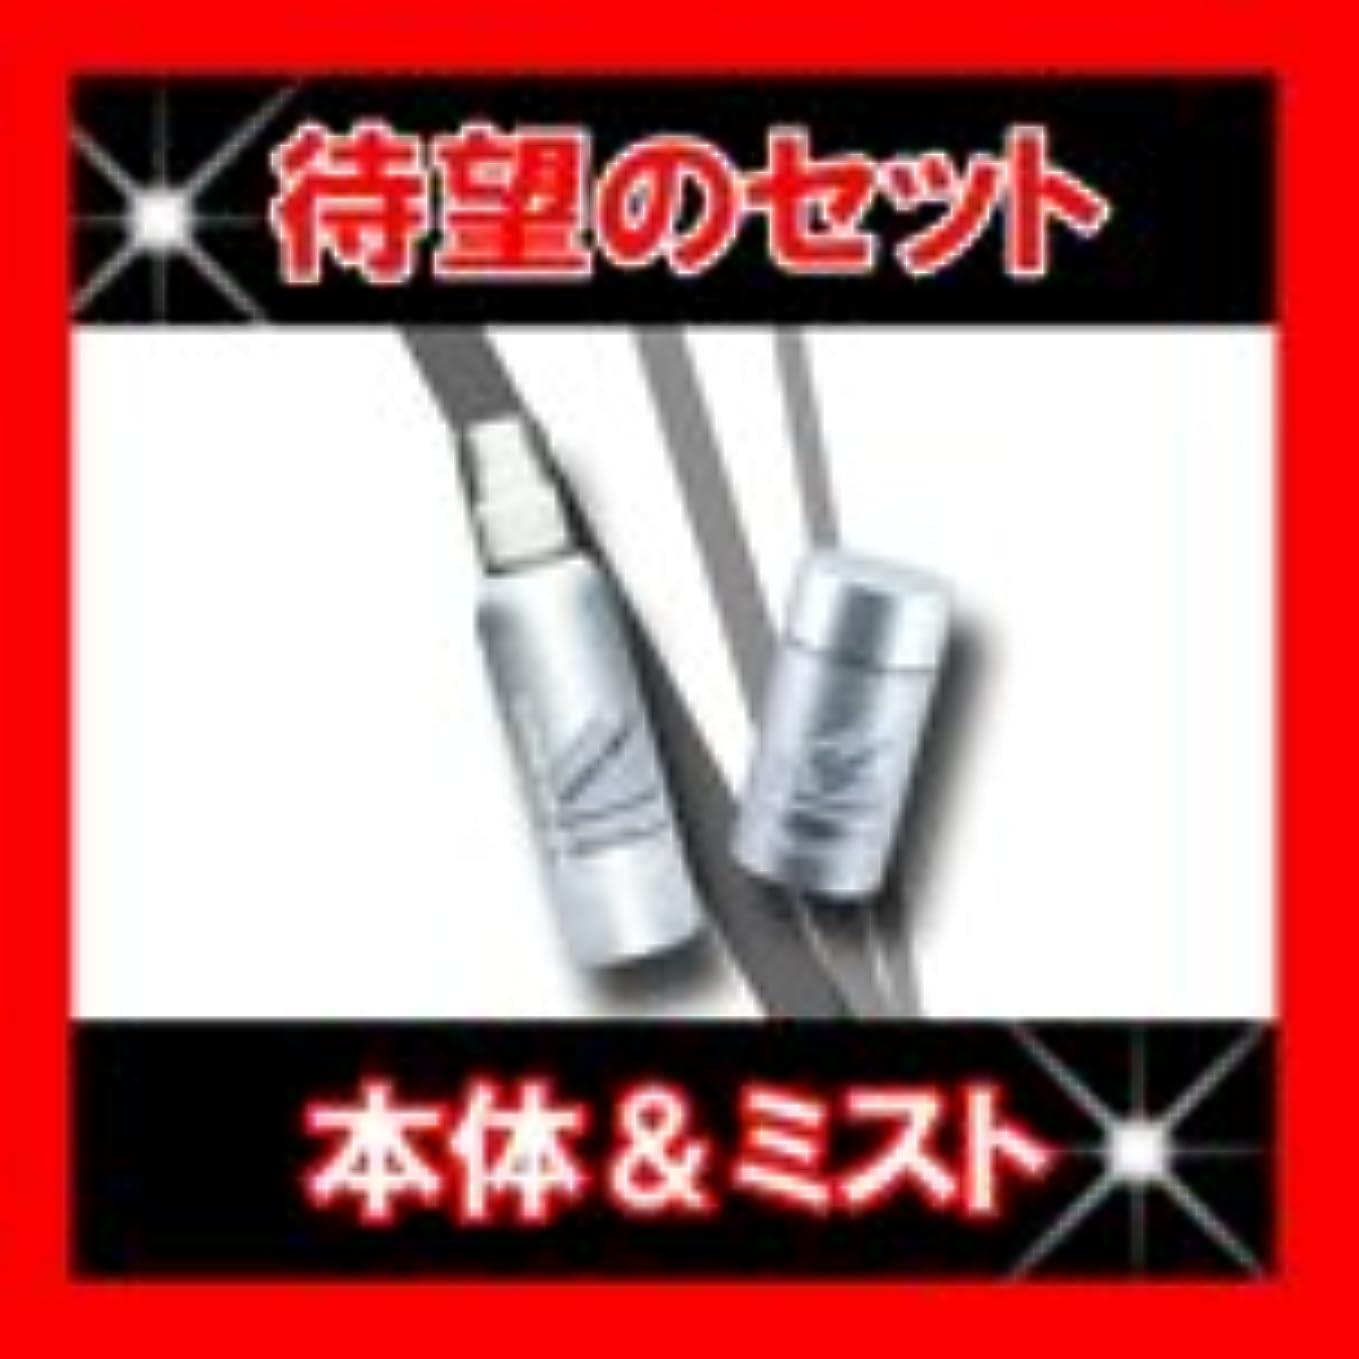 ルアン スーパーミリオンヘアー 30g No.1 【ブラック】+スーパーミリオン ミスト 165mlセット